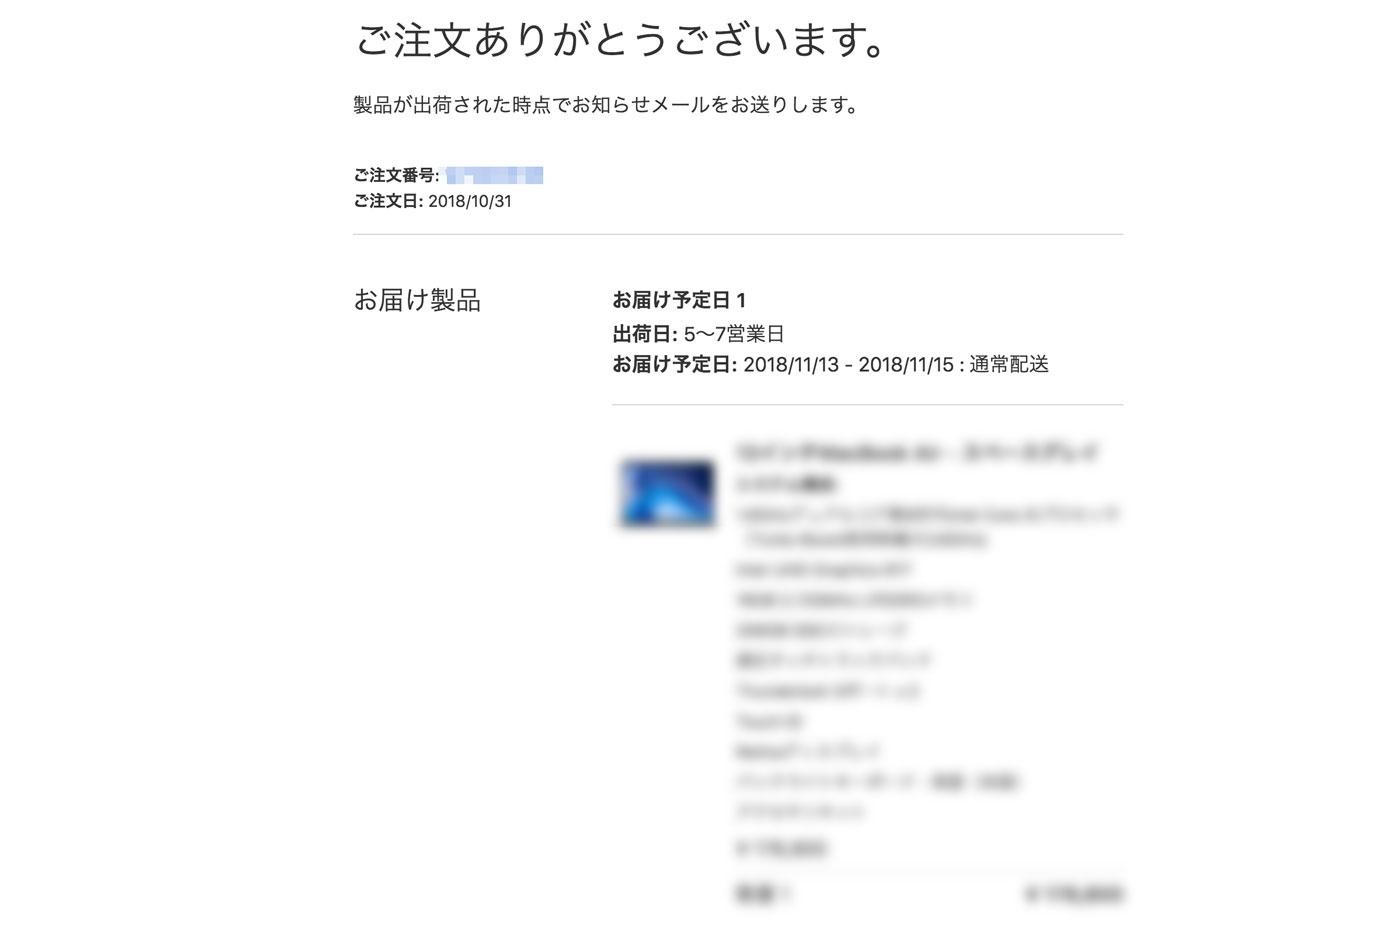 MacBook Air 2018カスタマイズ注文内容